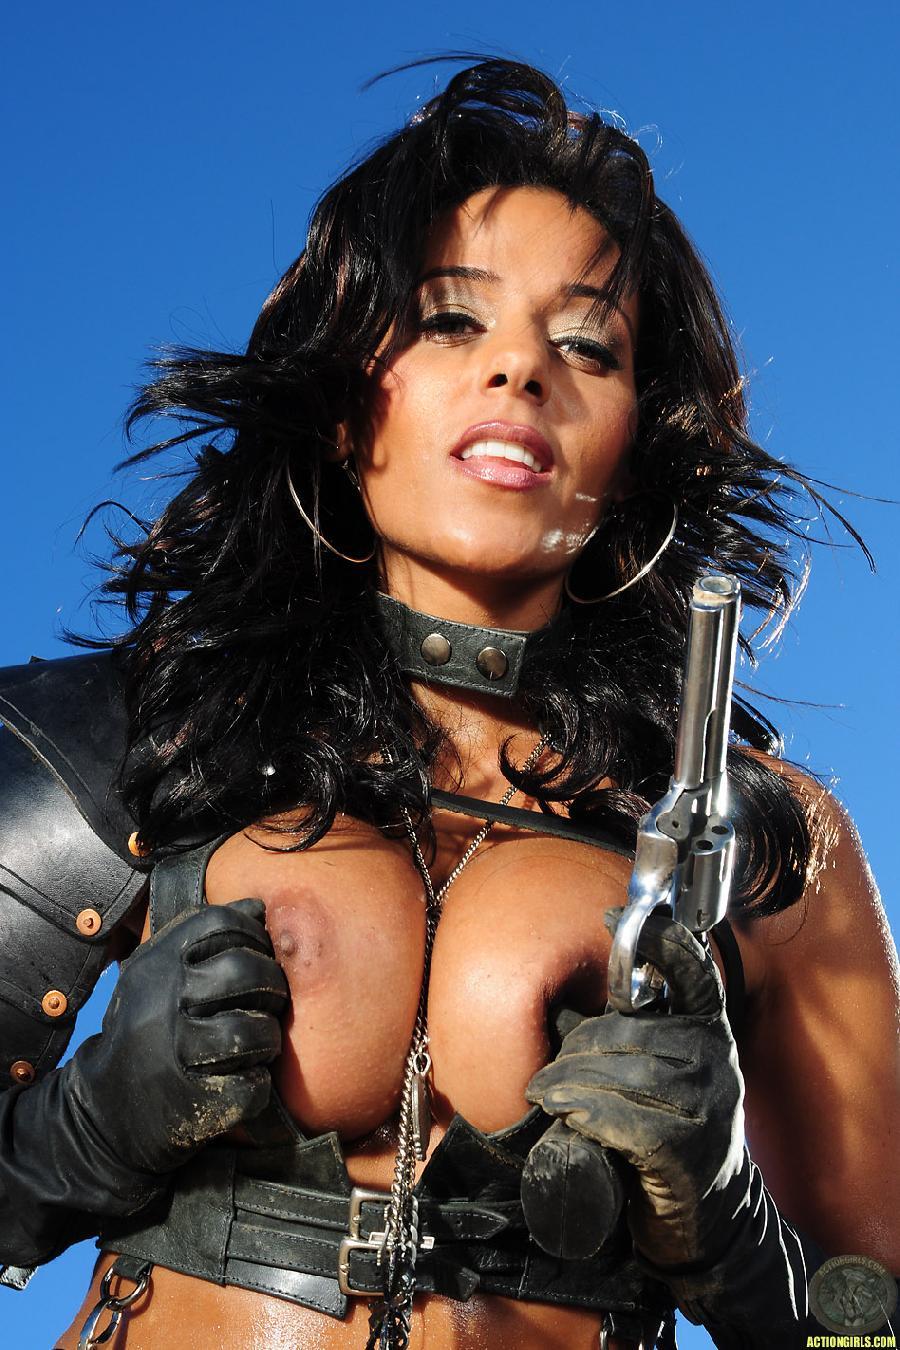 Warrior gun porn tube sex pic